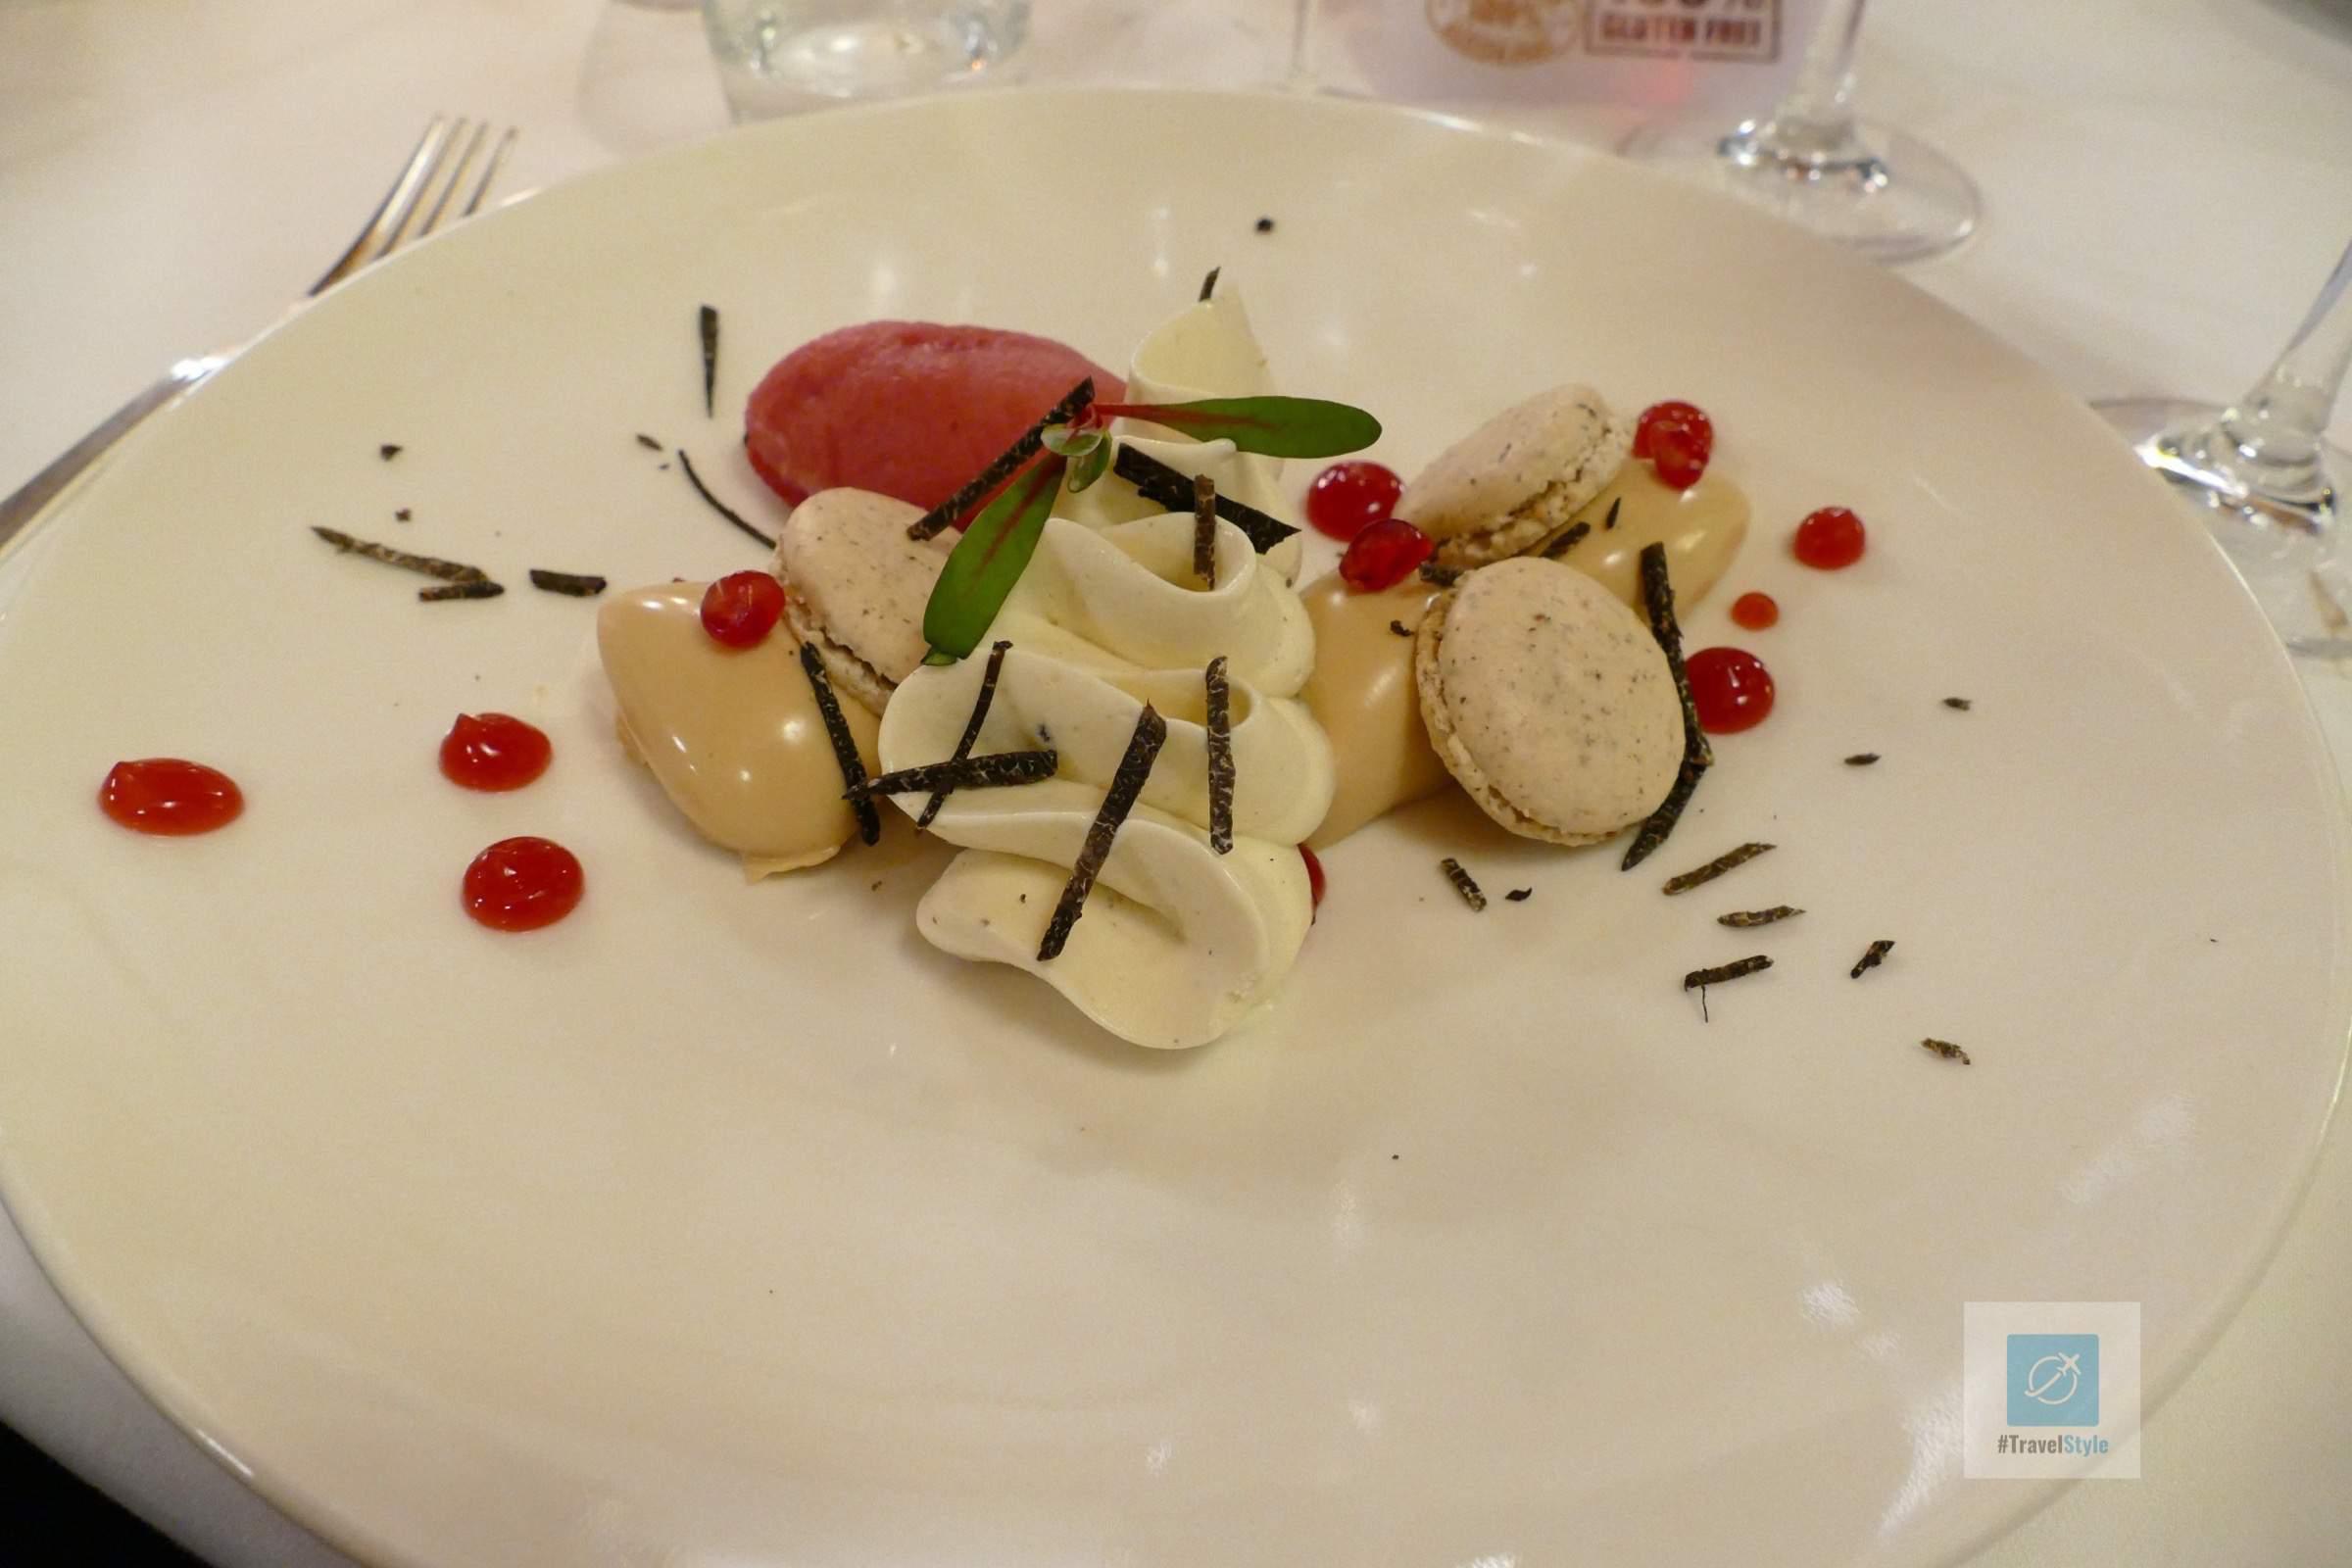 Macaron von Haselnüssen und Granatapfel mit schwarzen Périgord-Trüffeln